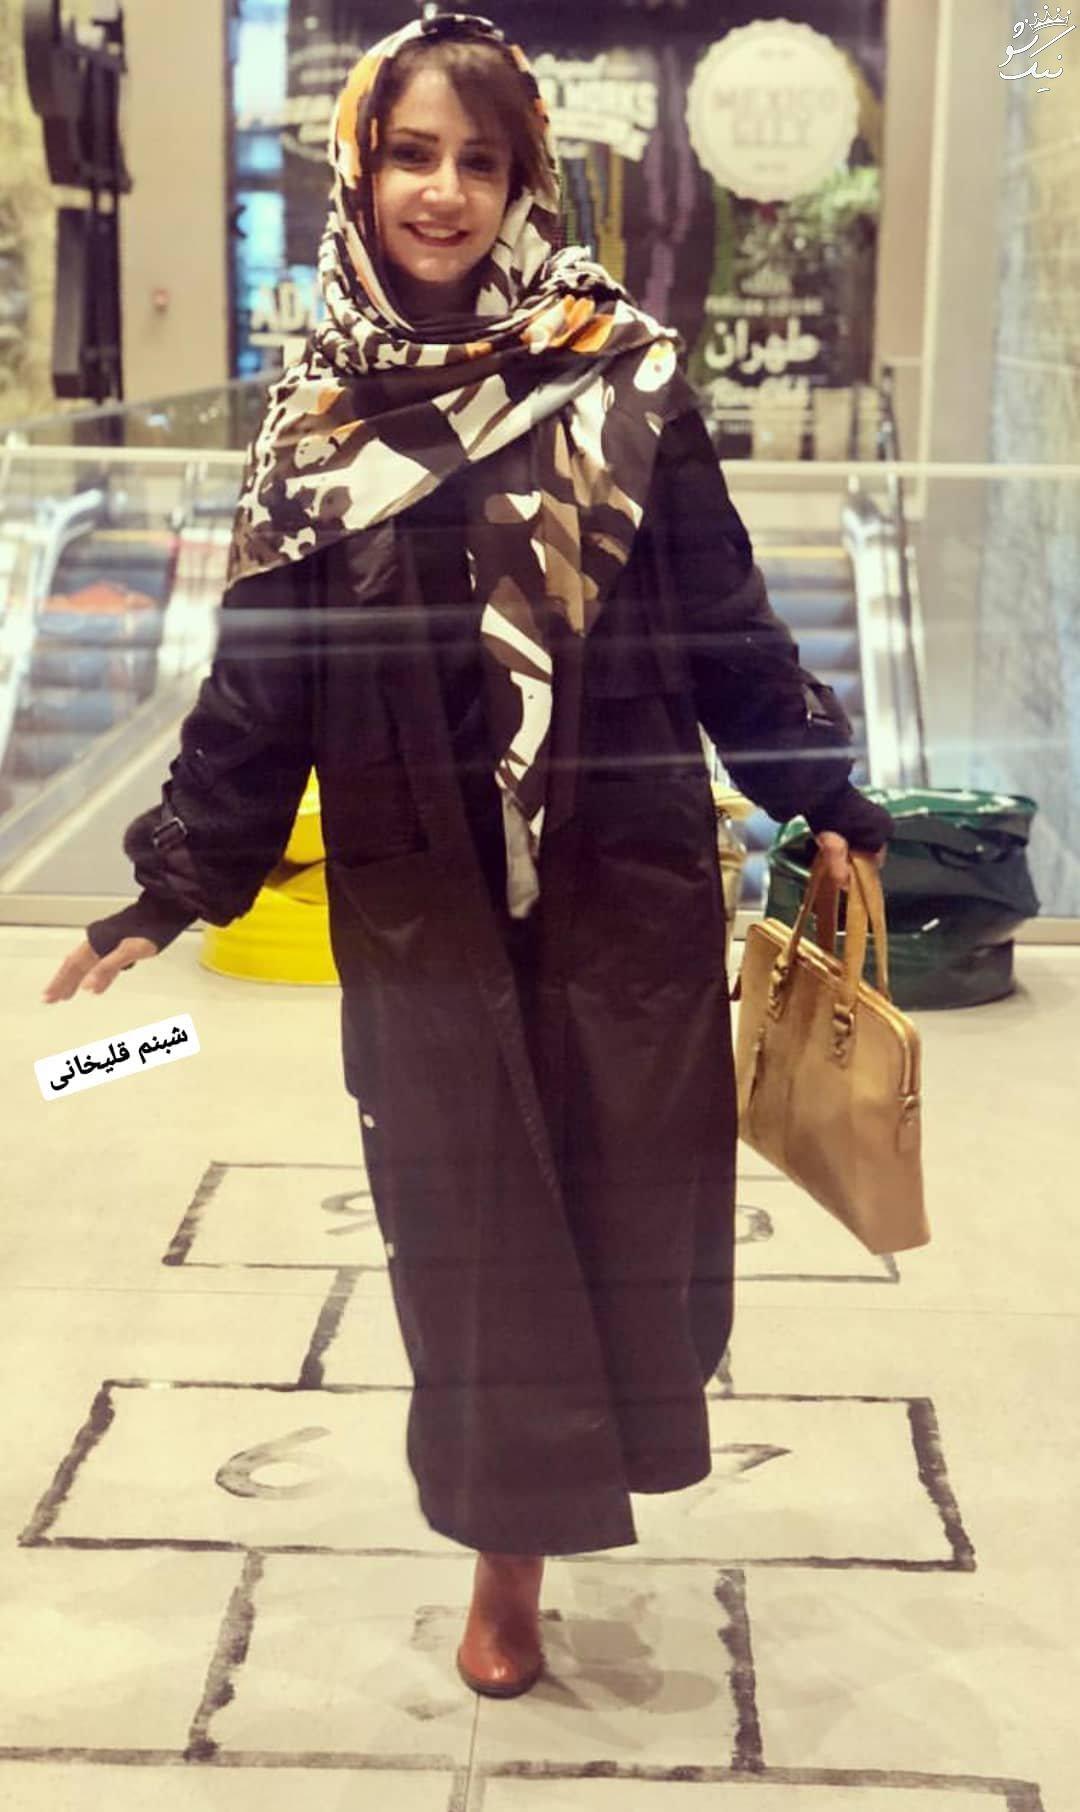 عکسهای جدید شبنم قلی خانی در اینستاگرام